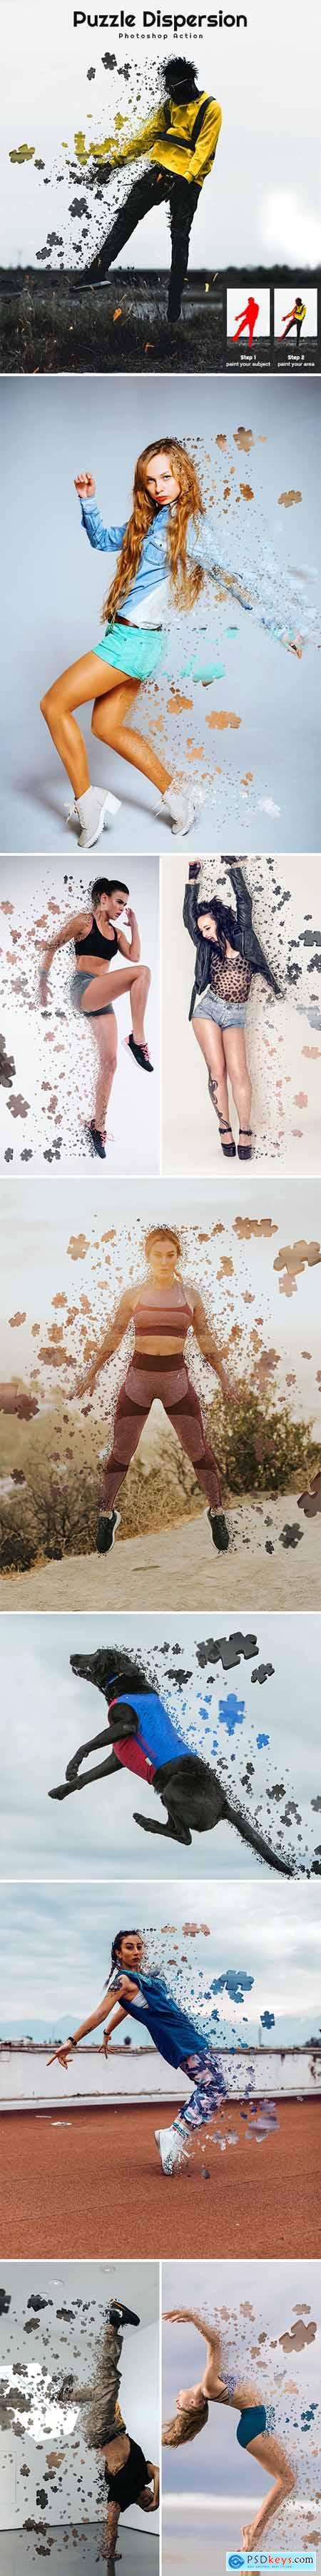 Puzzle Dispersion Photoshop Action 26396228